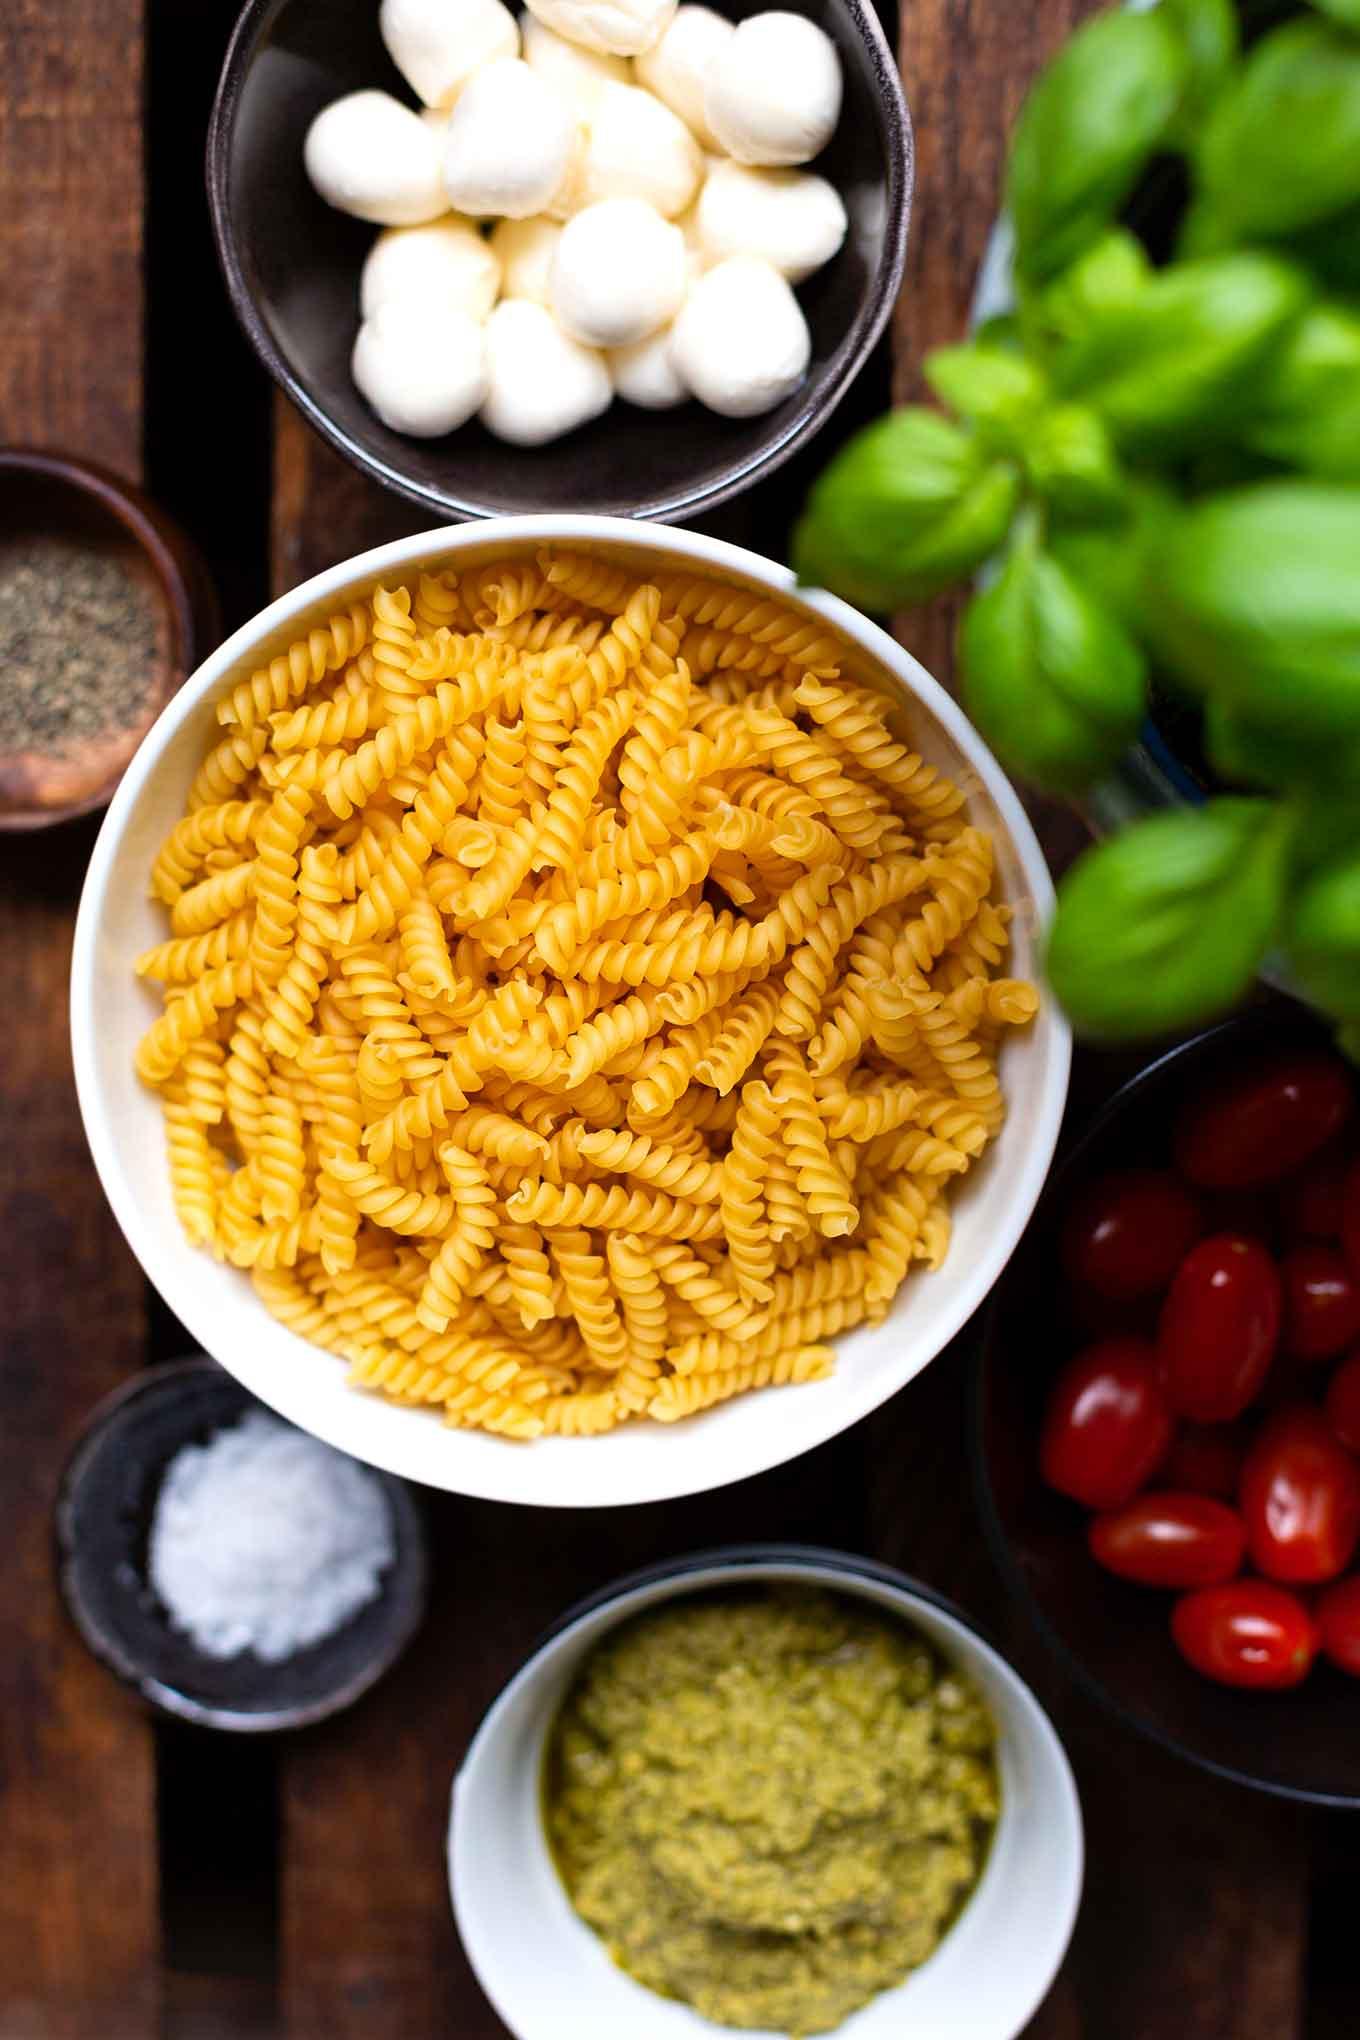 20-Minuten Caprese-Nudelsalat. Super einfach und SO lecker. Für dieses schnelle Rezept braucht ihr nur eine Handvoll Zutaten. Unbedingt probieren - Kochkarussell Foodblog #nudelsalat #pesto #caprese #kochkarussell